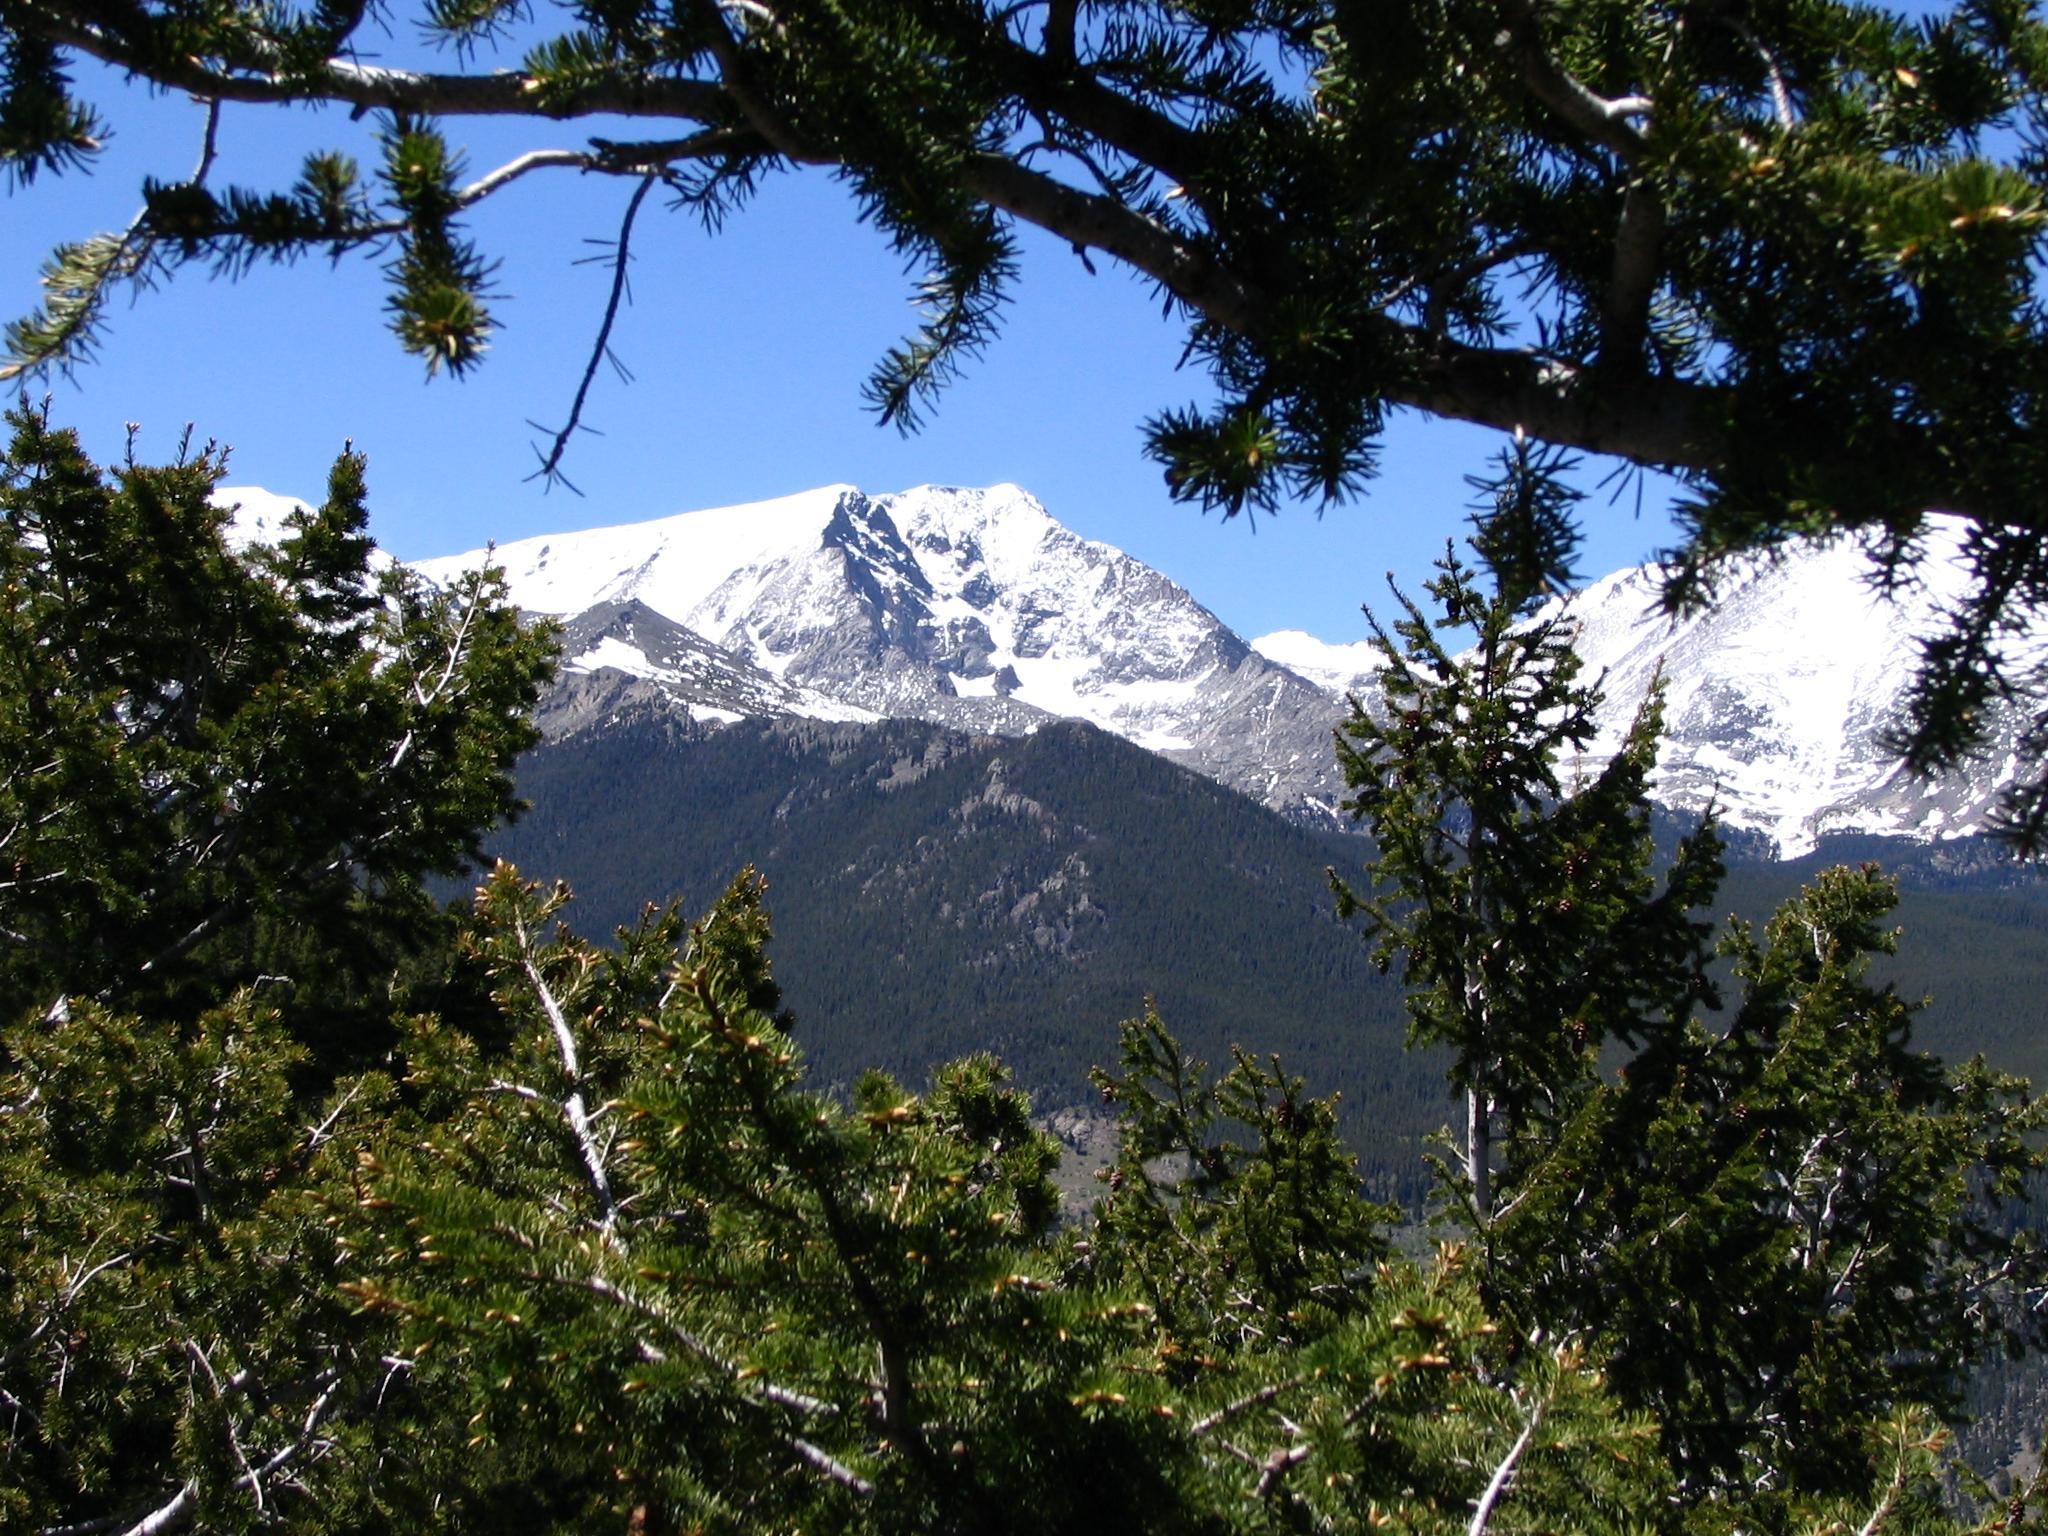 Estes Park in Rocky Mountains, Colorado.